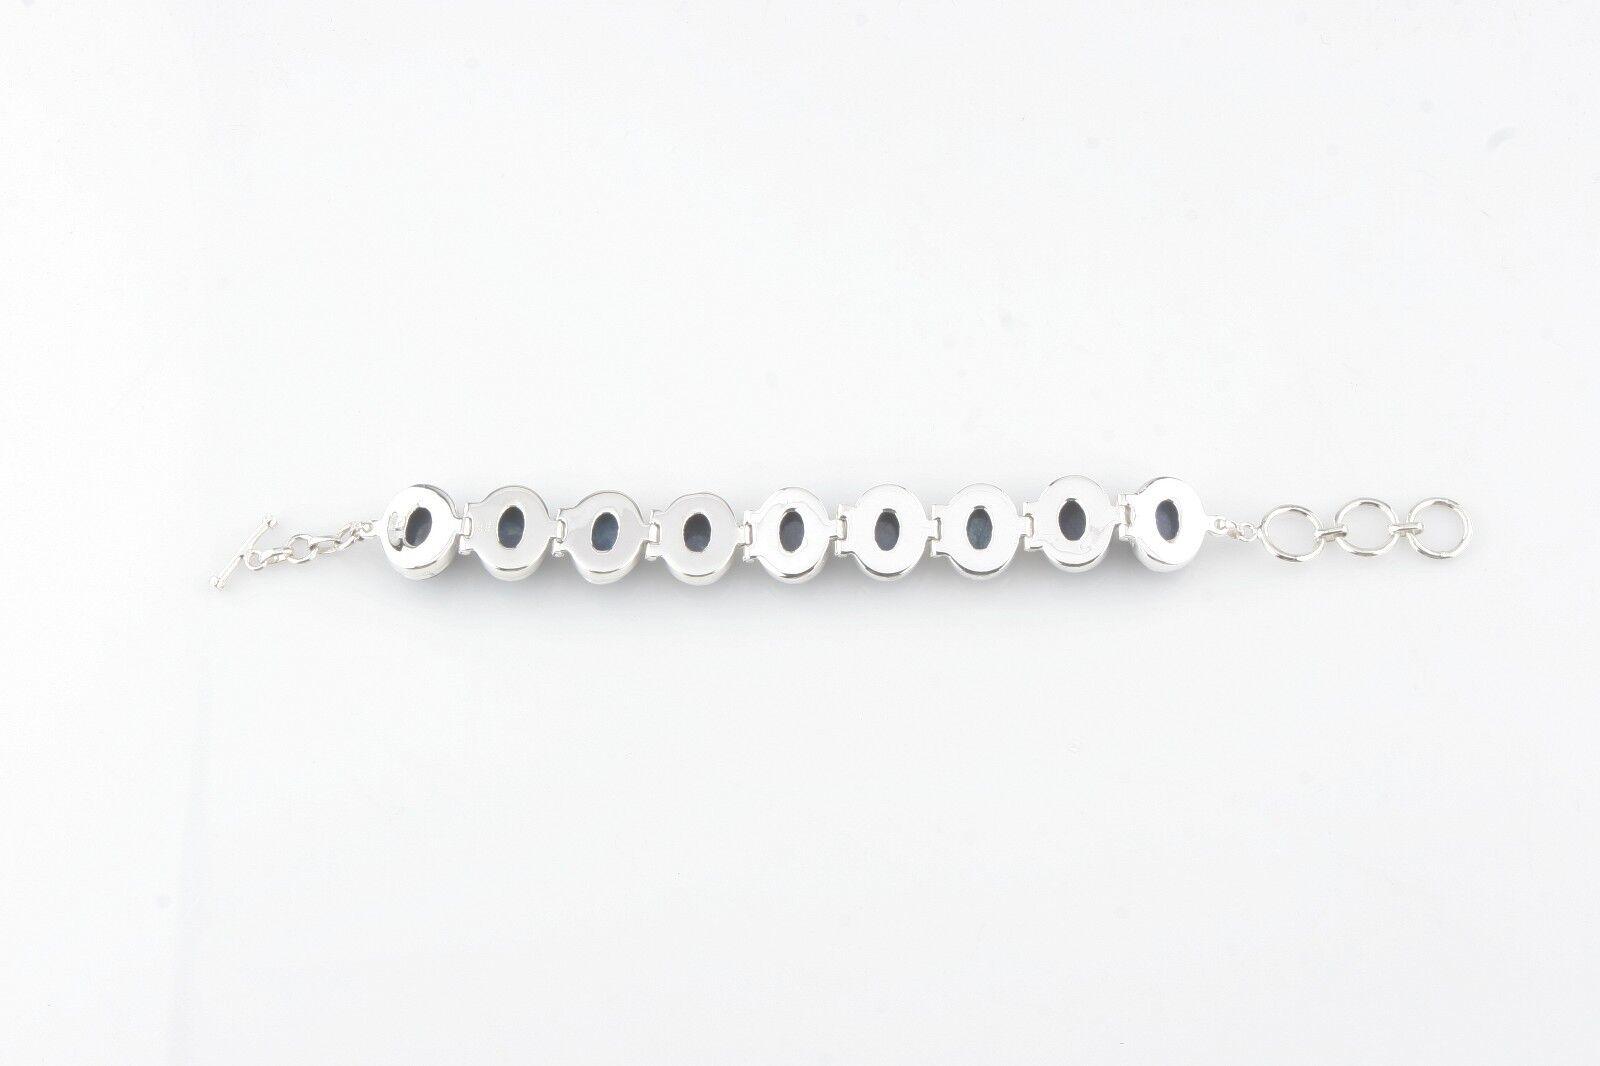 Brillante Brillante Brillante Sfaccettato Spessa Grezza Zaffiro argentoo Sterling fc2728